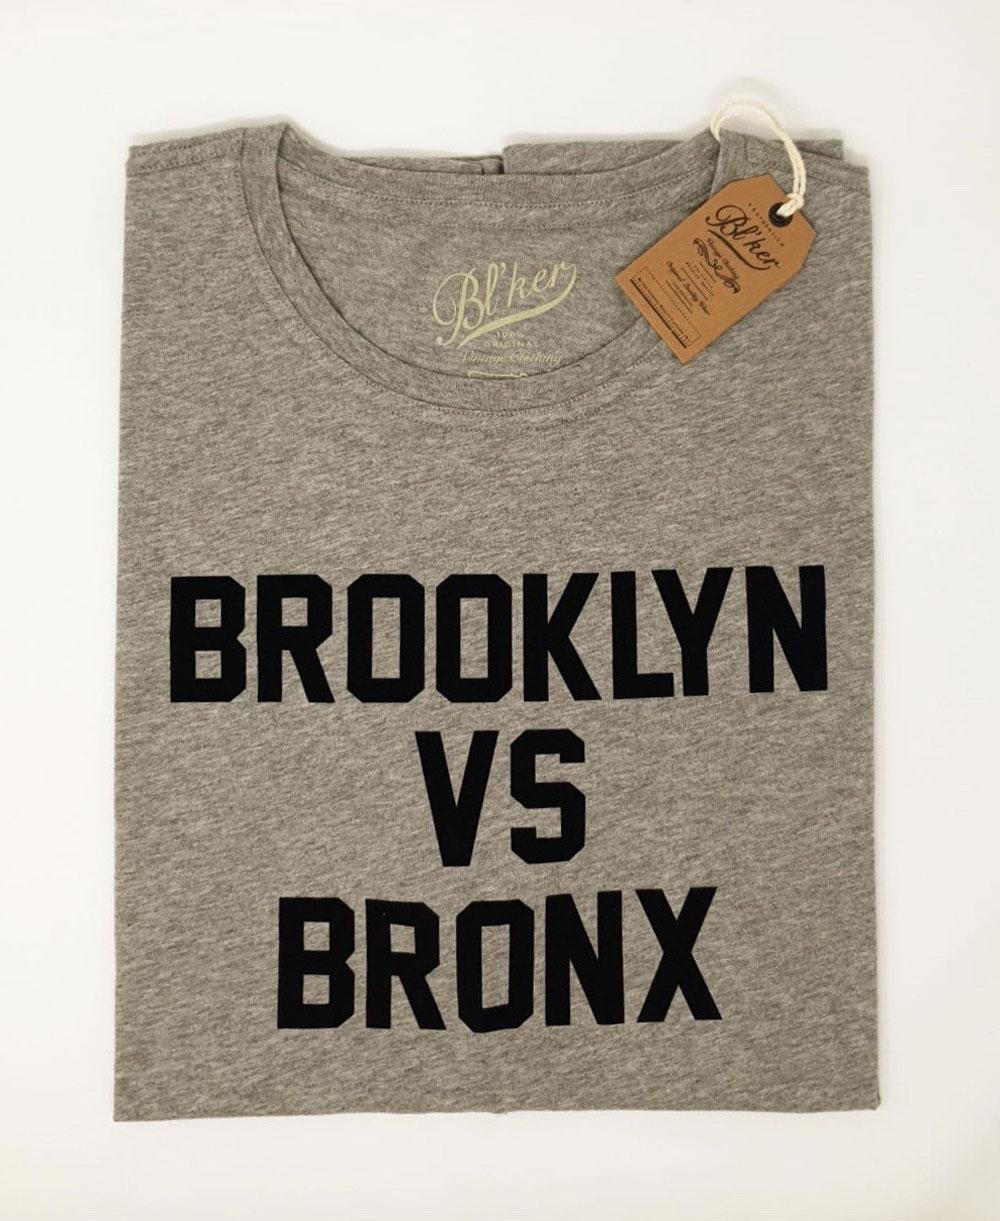 Herren Kurzarm T-Shirt Brkln Vs Bronx Heather Grey